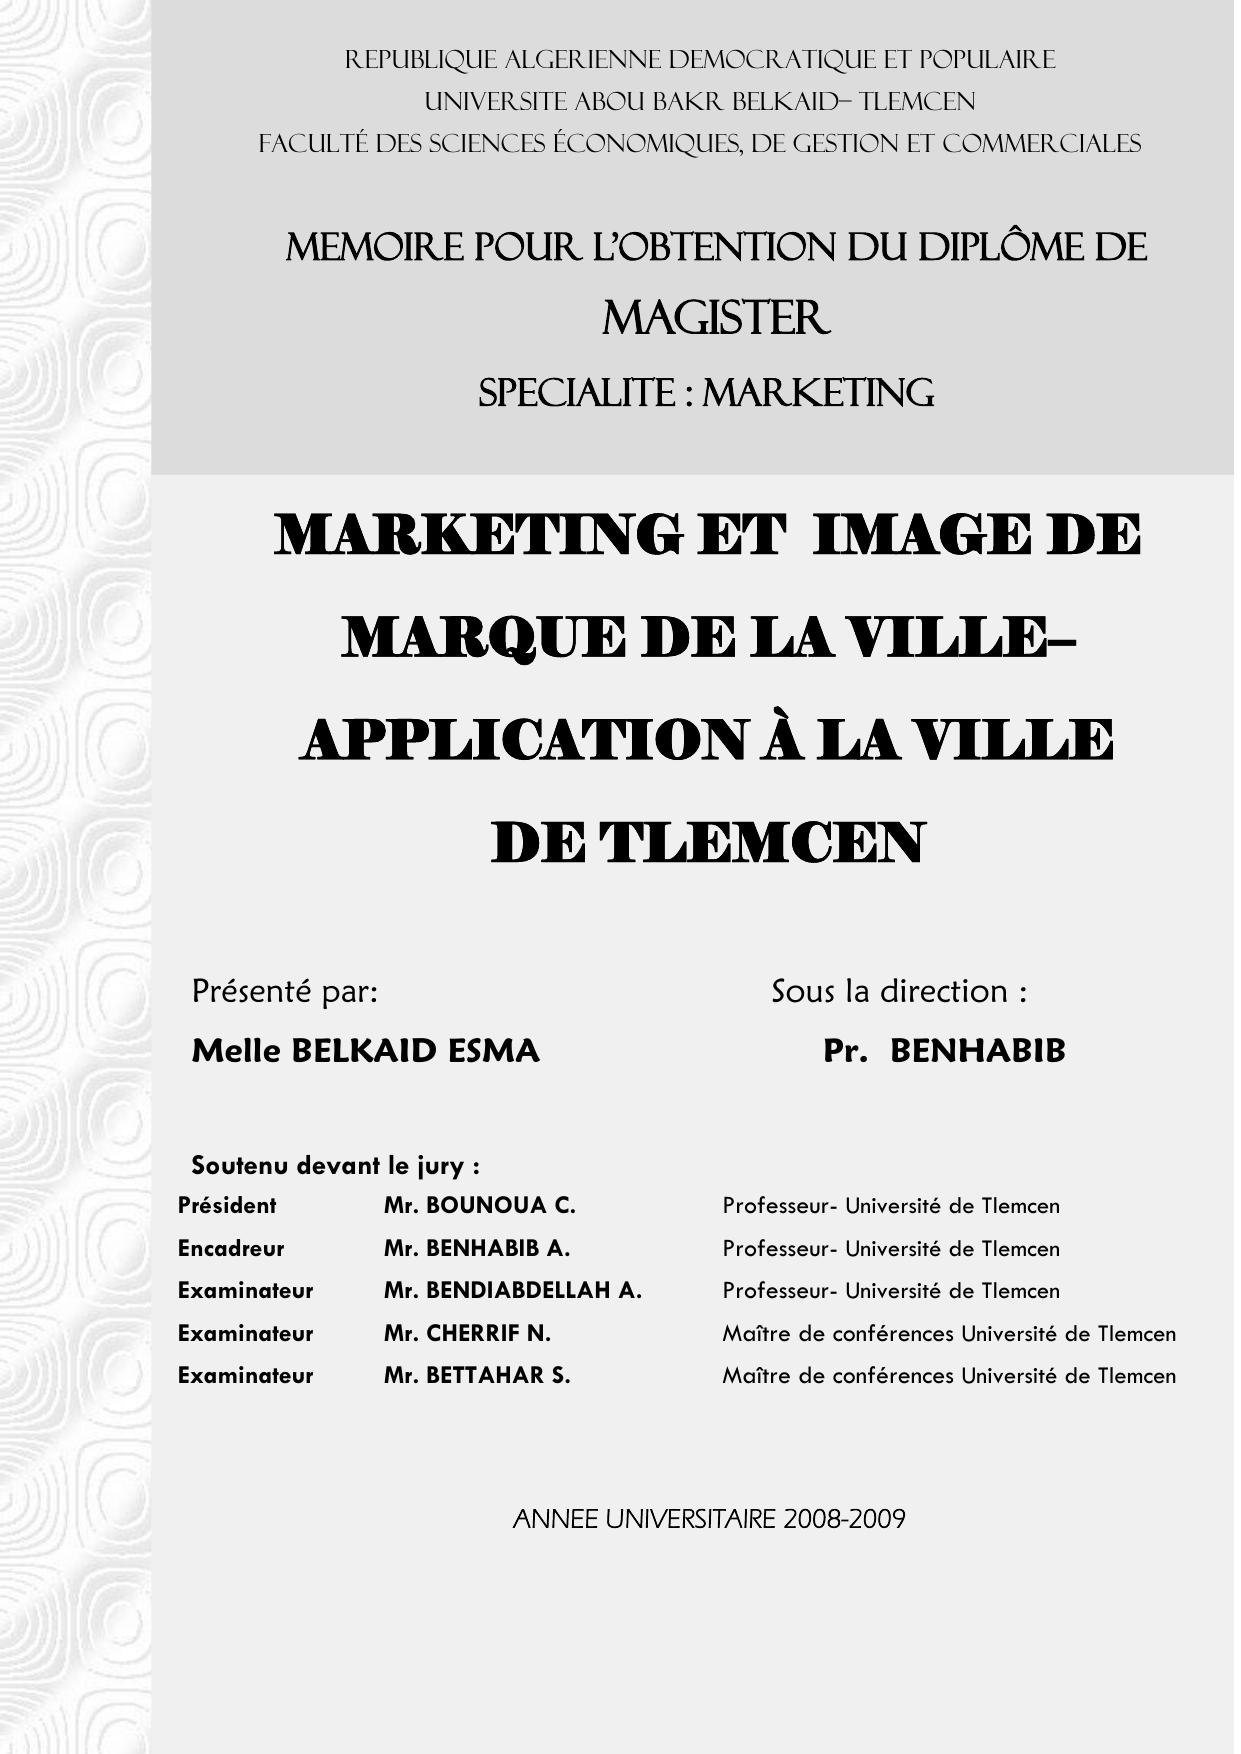 Introduction générale Depot institutionnel de l`Universite Abou Bekr